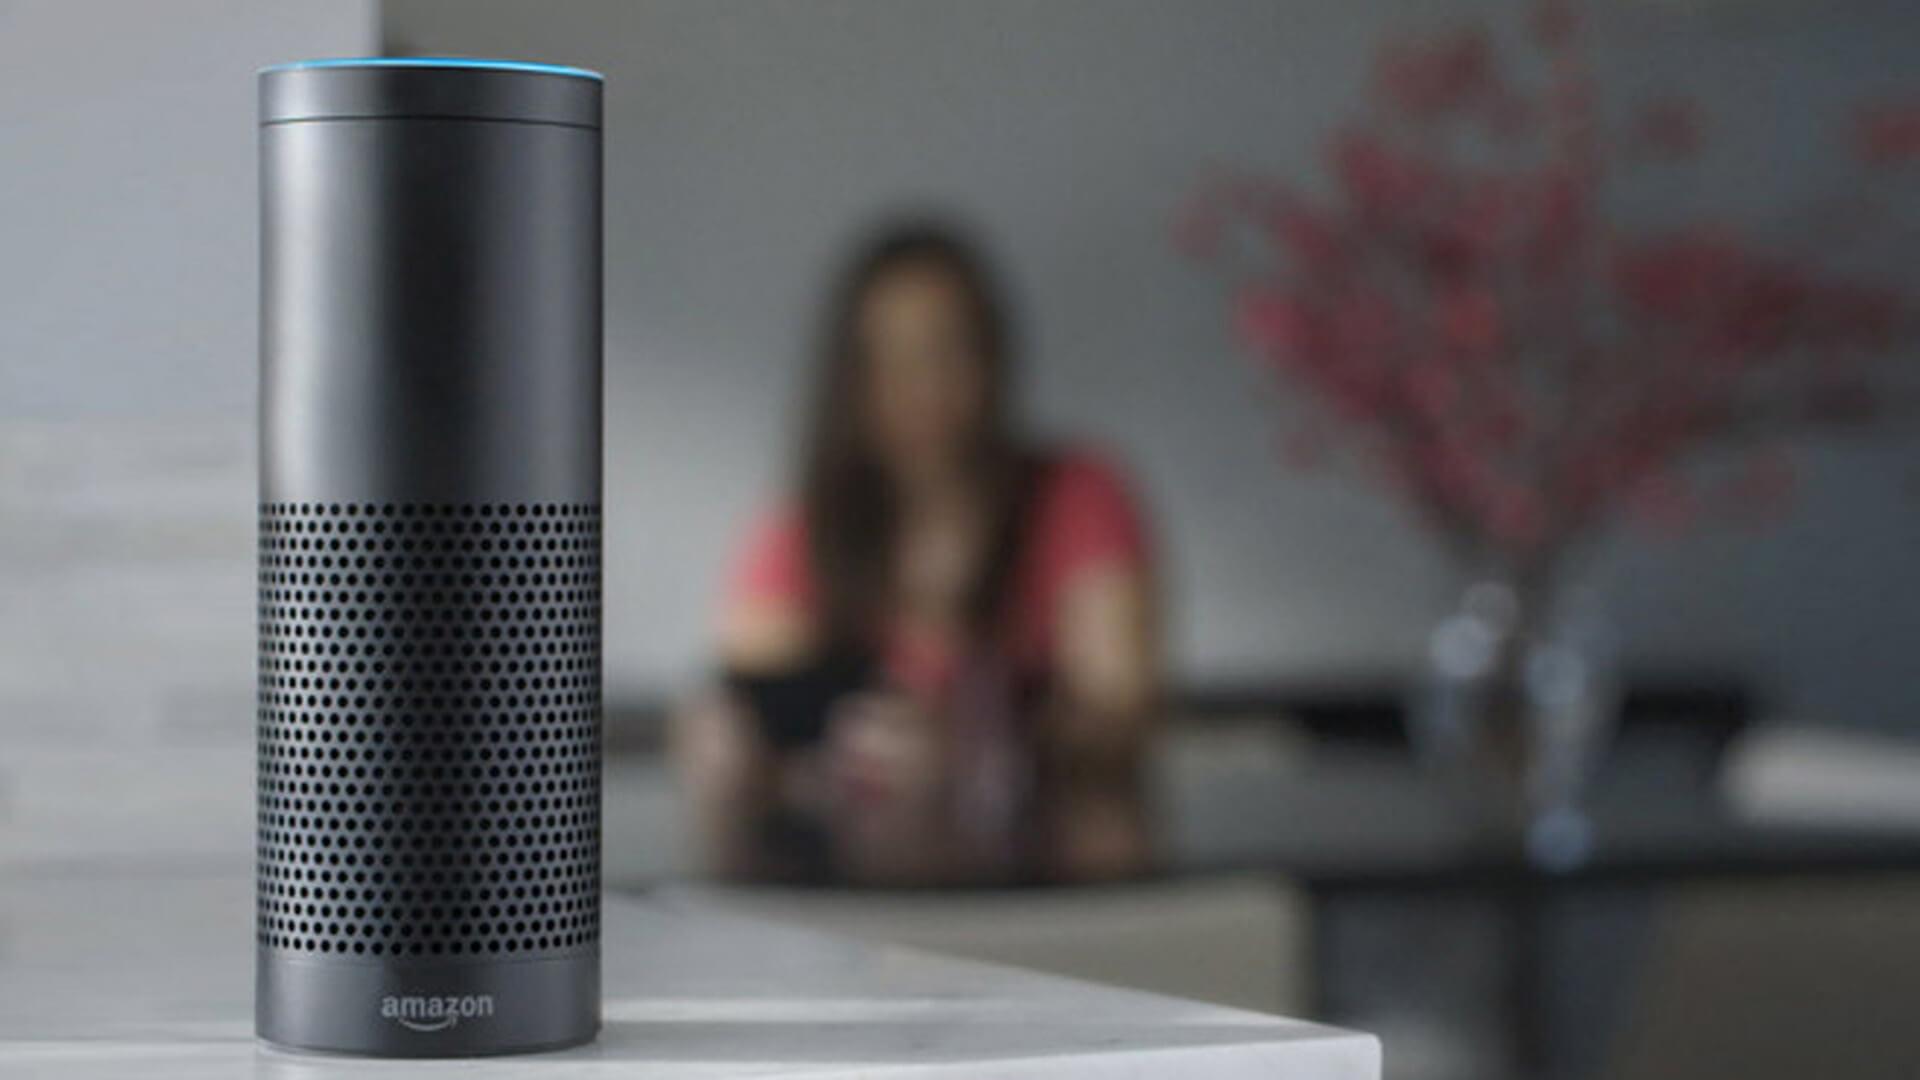 Amazon Echo speaker